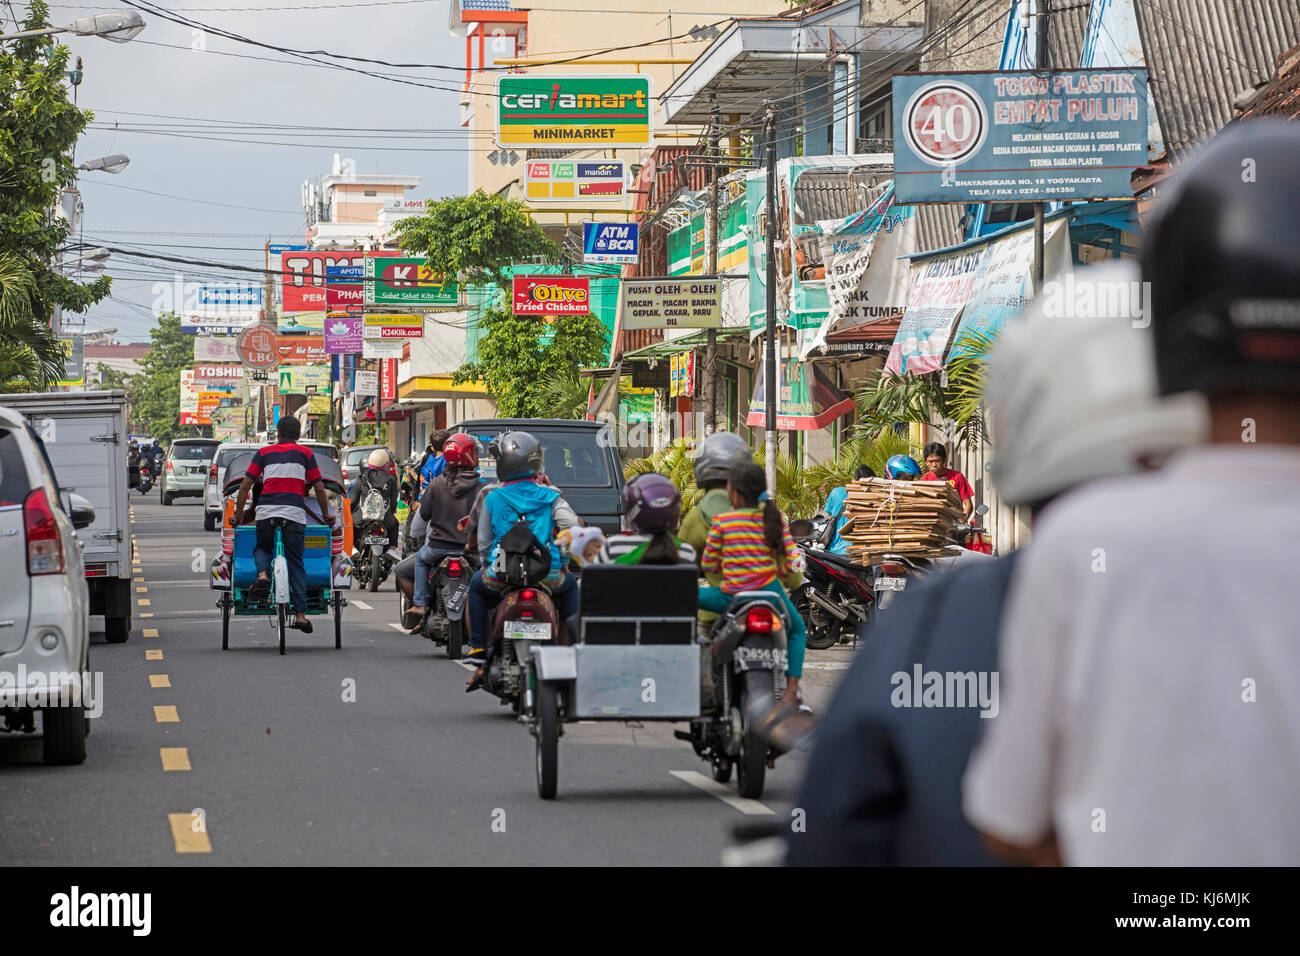 Vélos-pousse / becak pour le transport public dans la ville de Yogyakarta, java, Indonésie Photo Stock